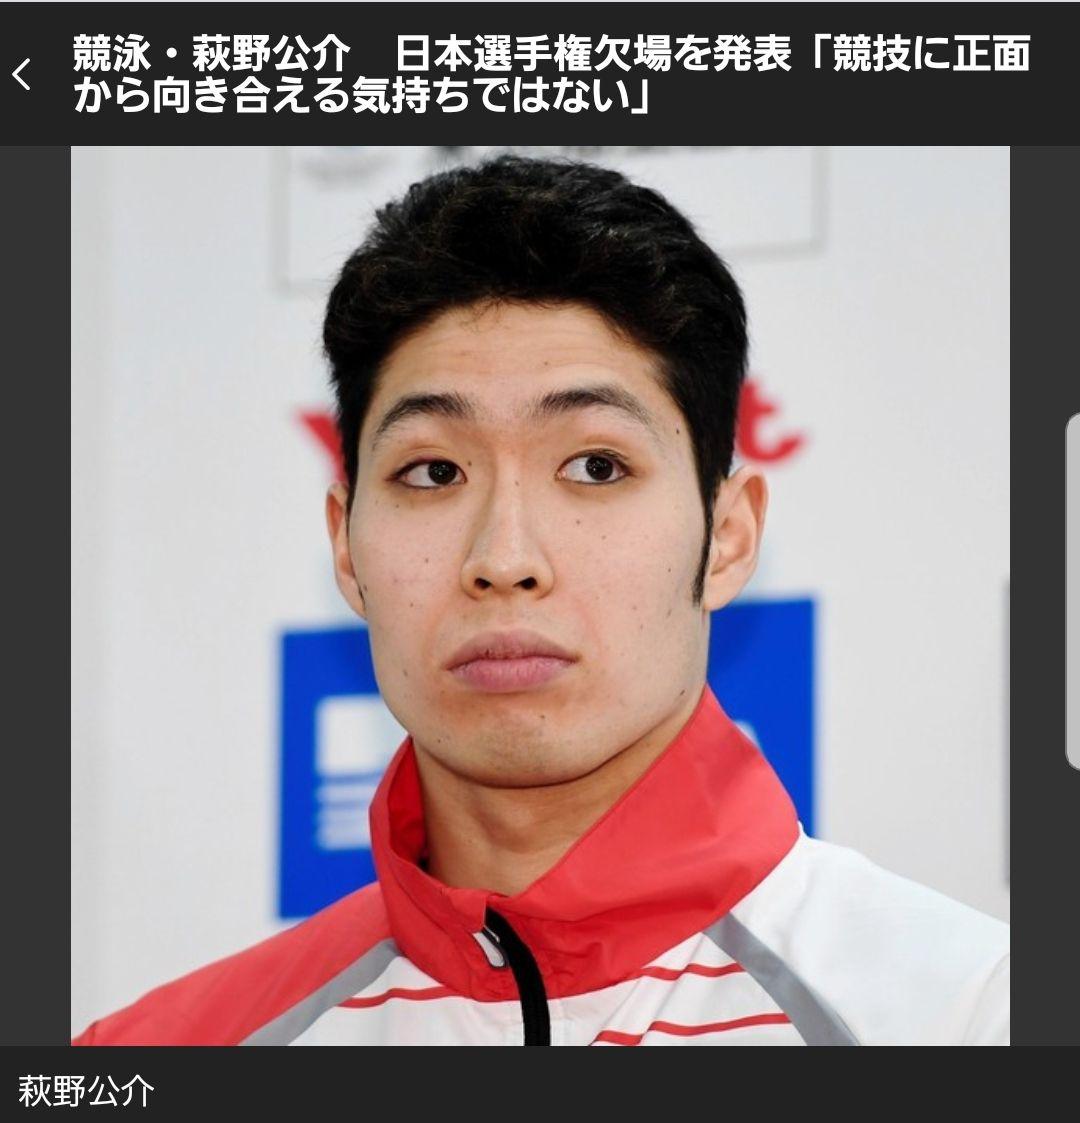 【悲報】萩野公介、オリンピック無理そう・・・「競技に向き合える気持ち無い」